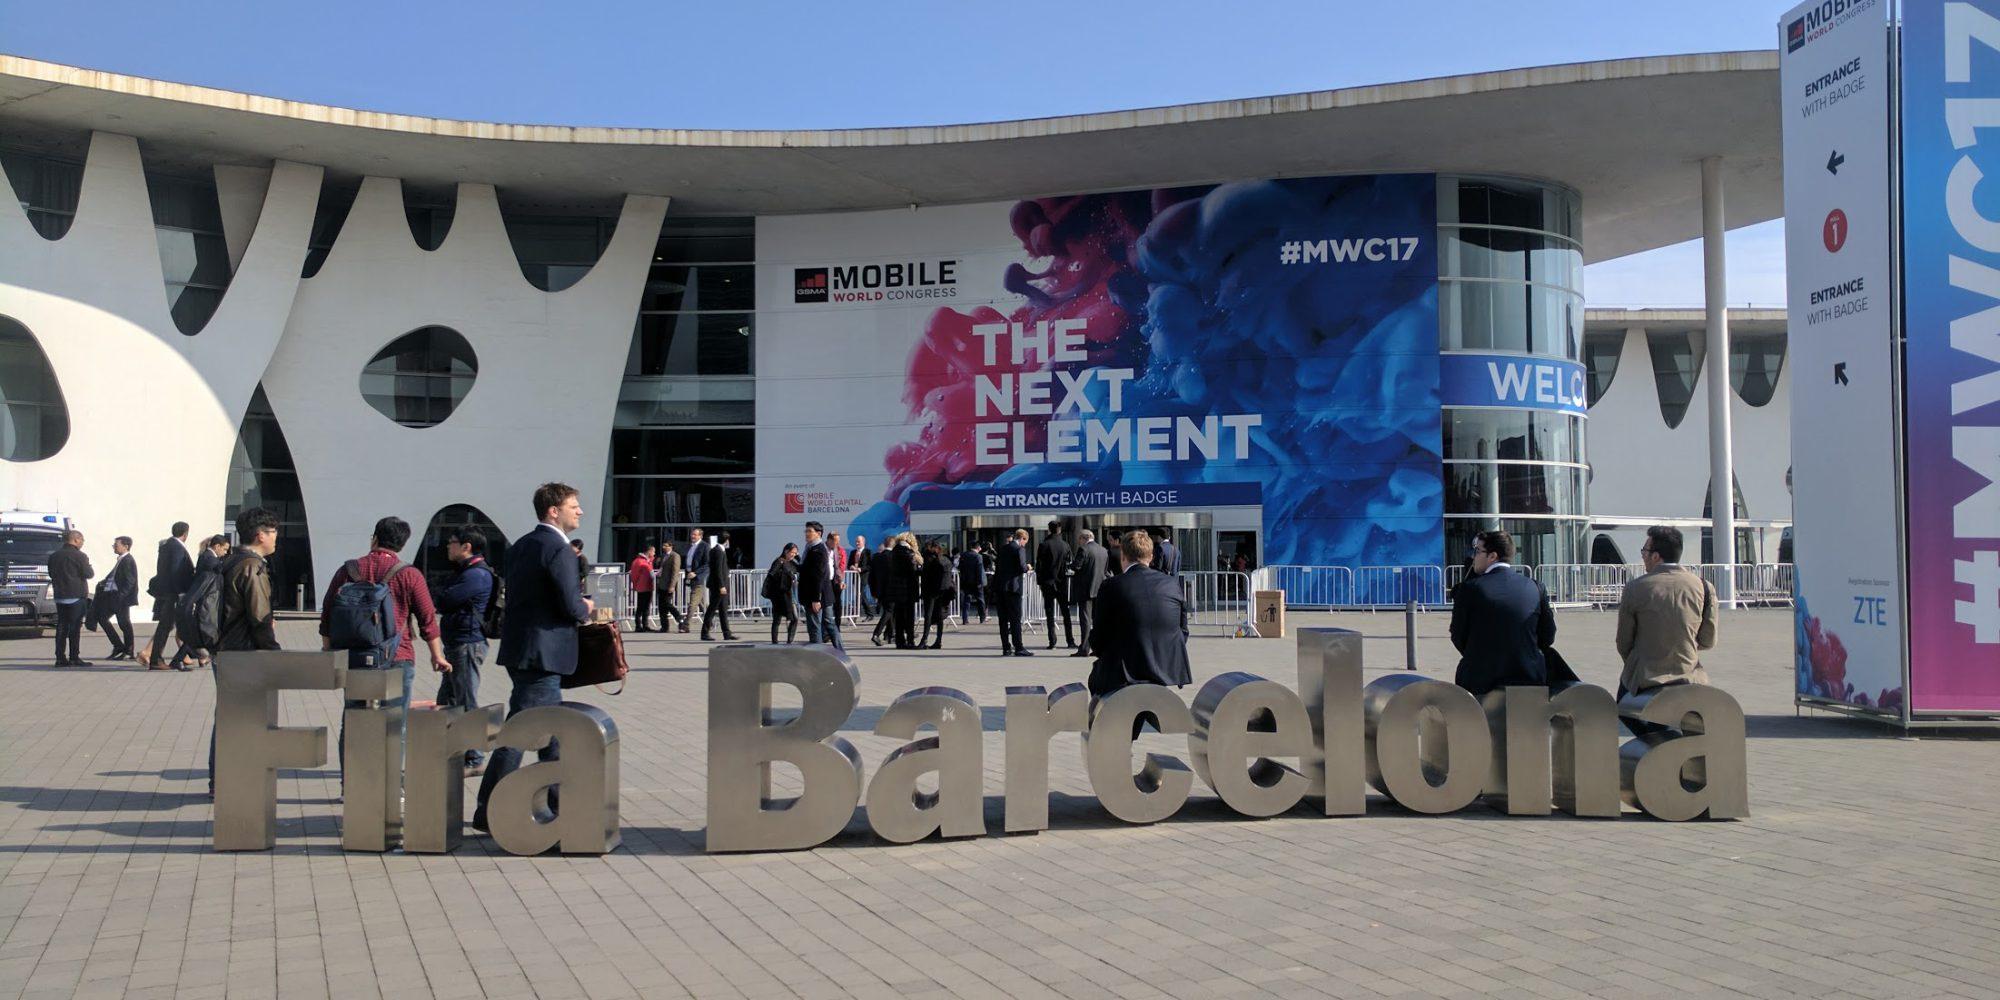 La suspensió del MWC 2020 està justificada per la renúncia dels expositors, però el consens institucional reforça Barcelona